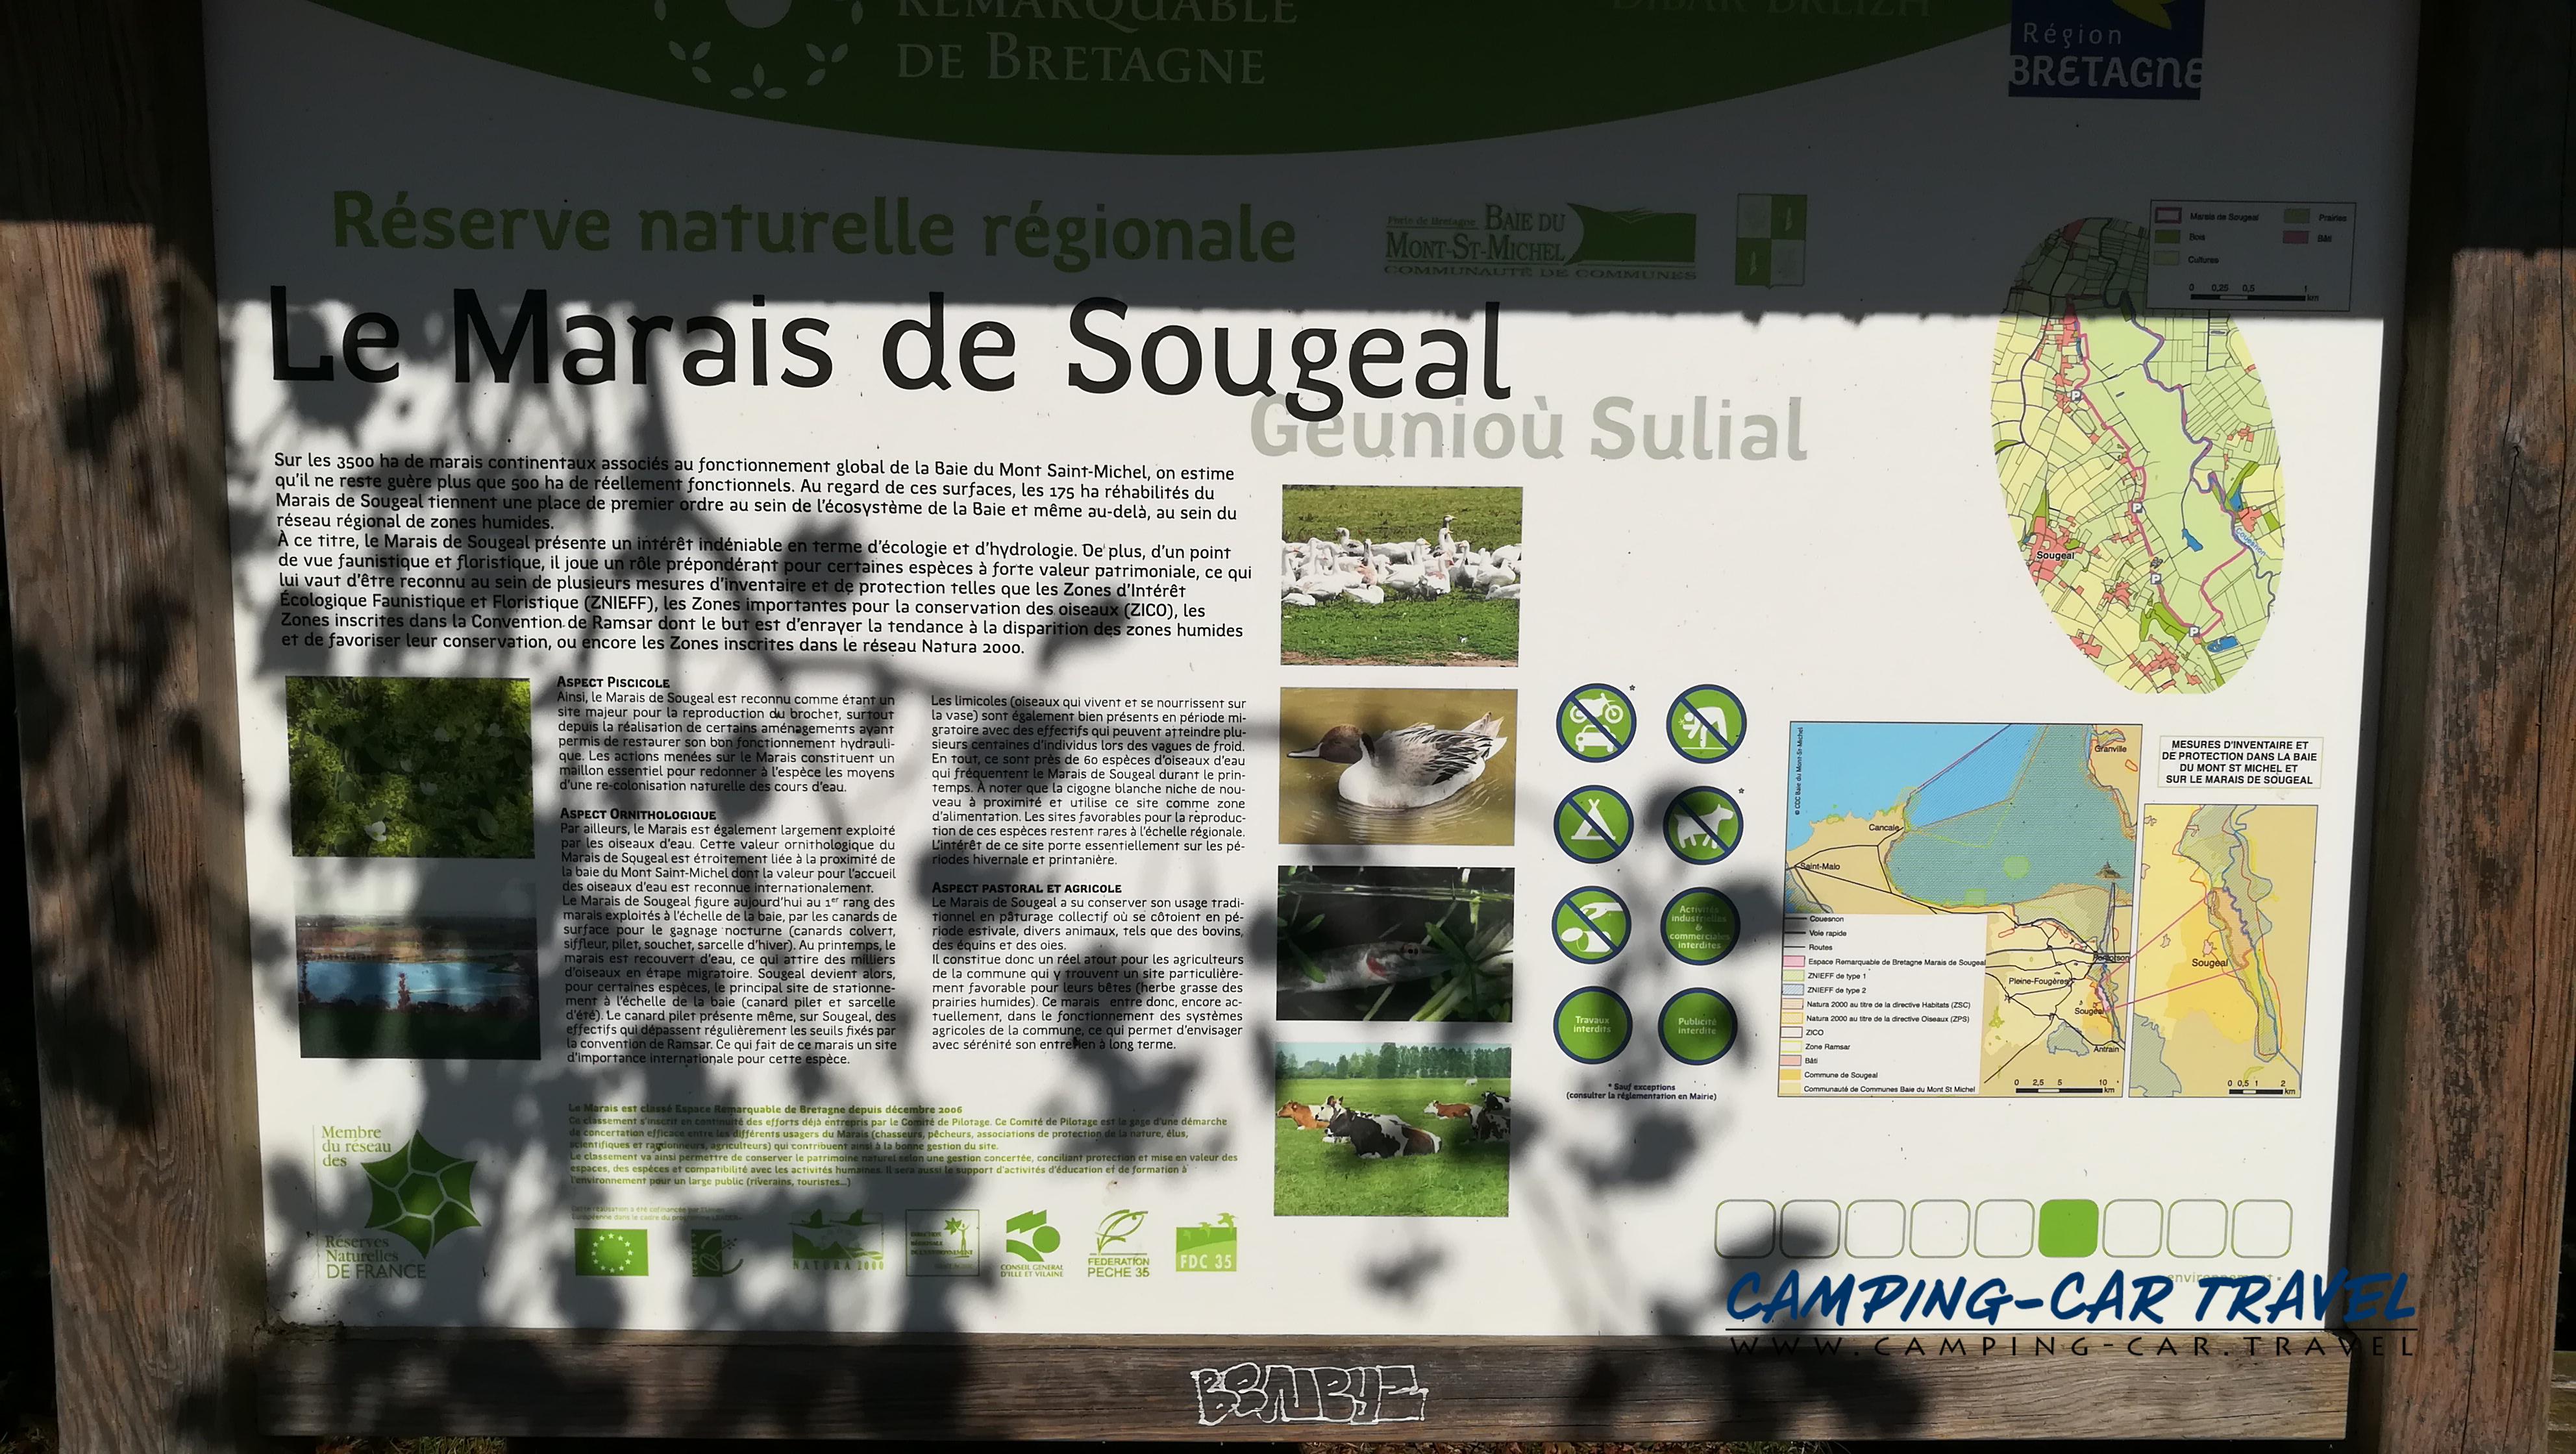 aire services camping car Sougéal Ile-et-Vilaine Bretagne